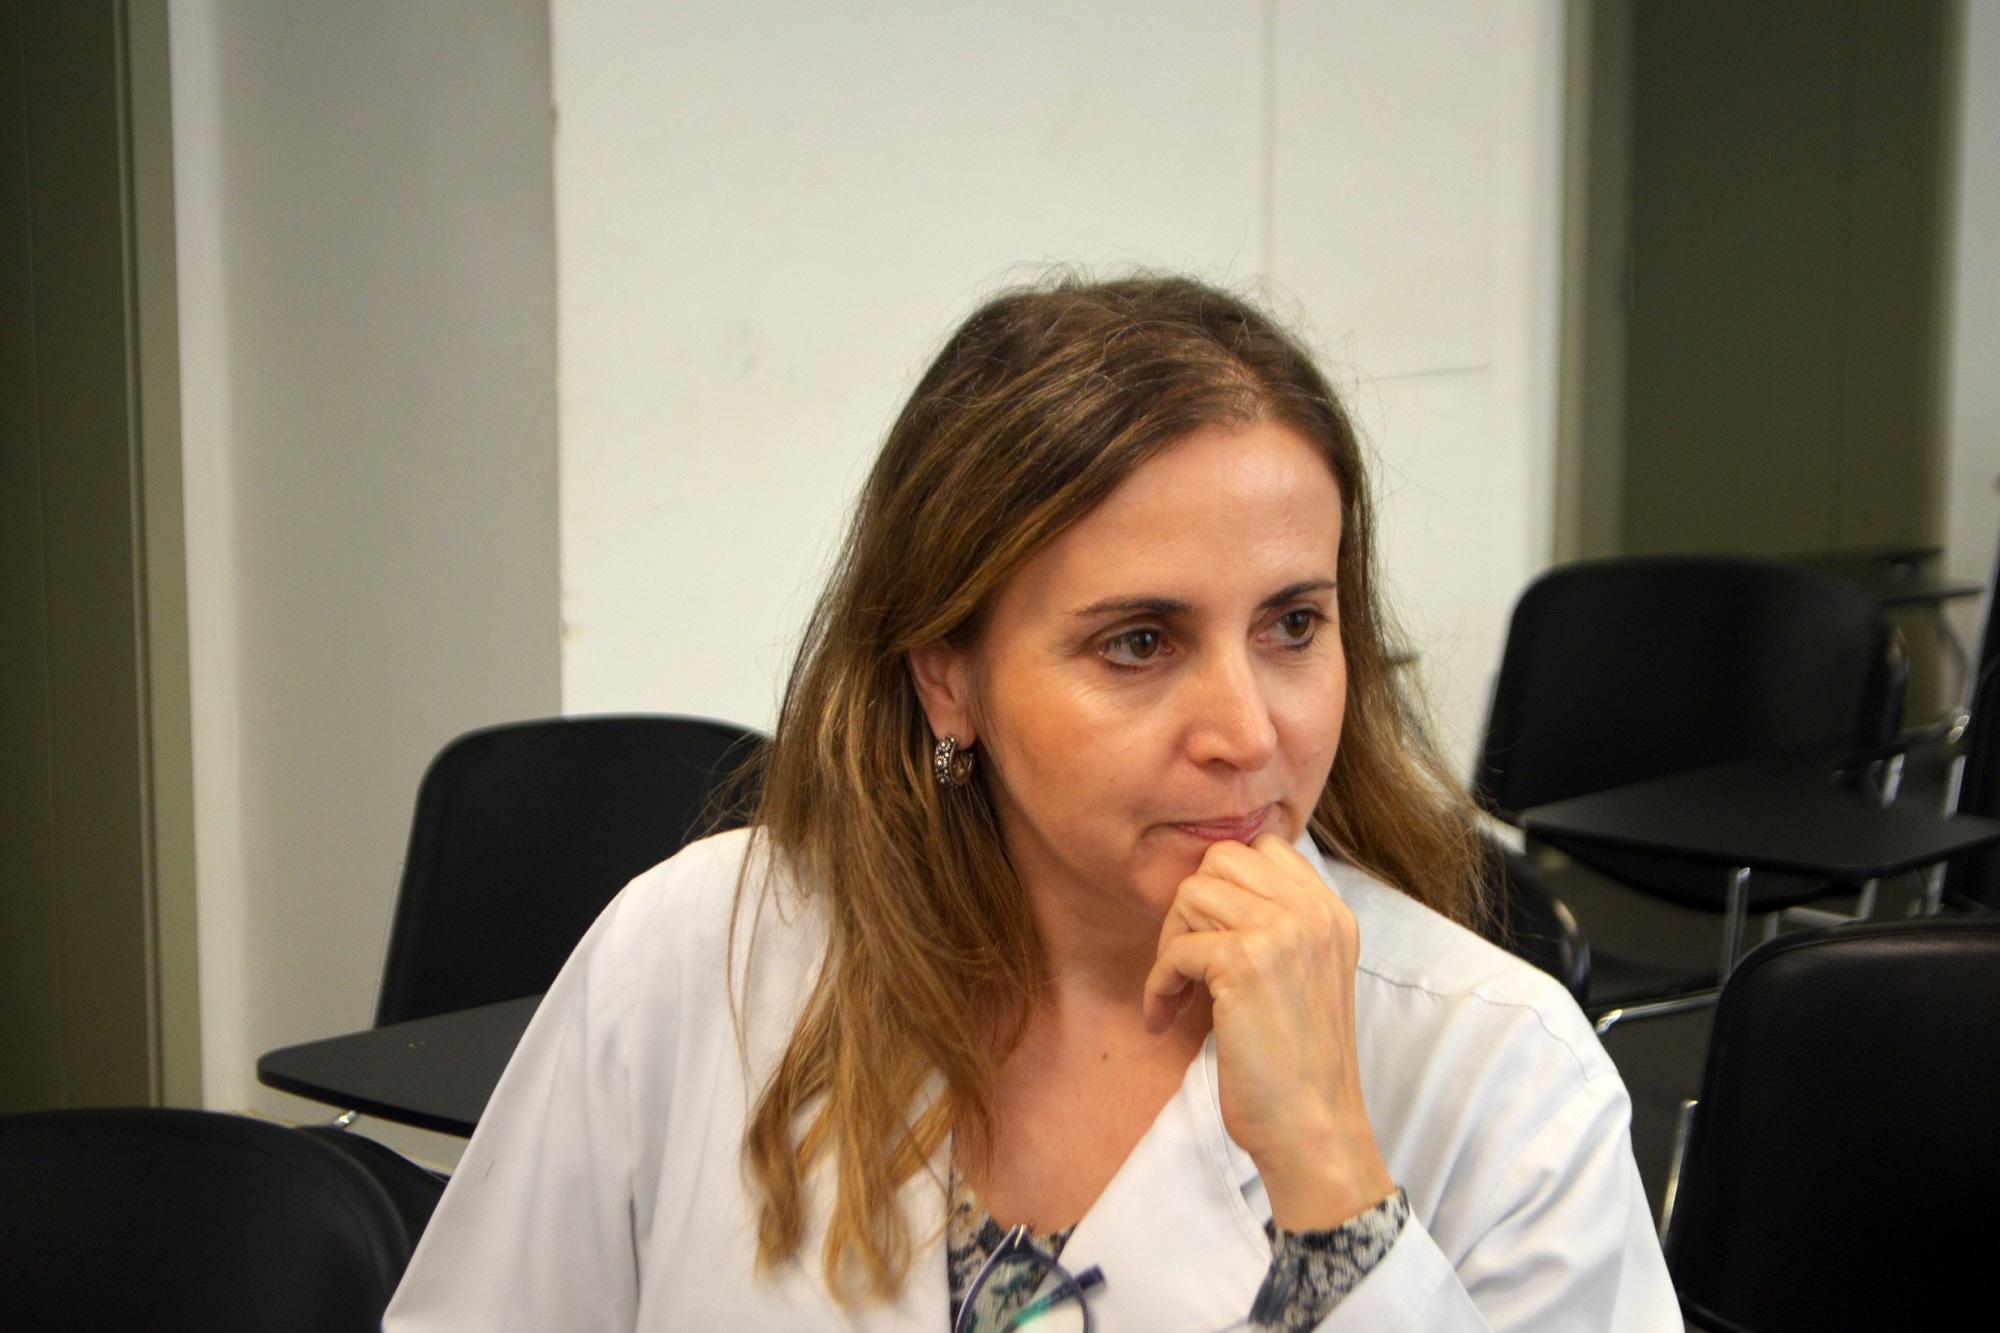 """Elisabete Martins é a responsável pelo projeto """"Auscultação digital no ensino e treino de competências clínicas""""."""